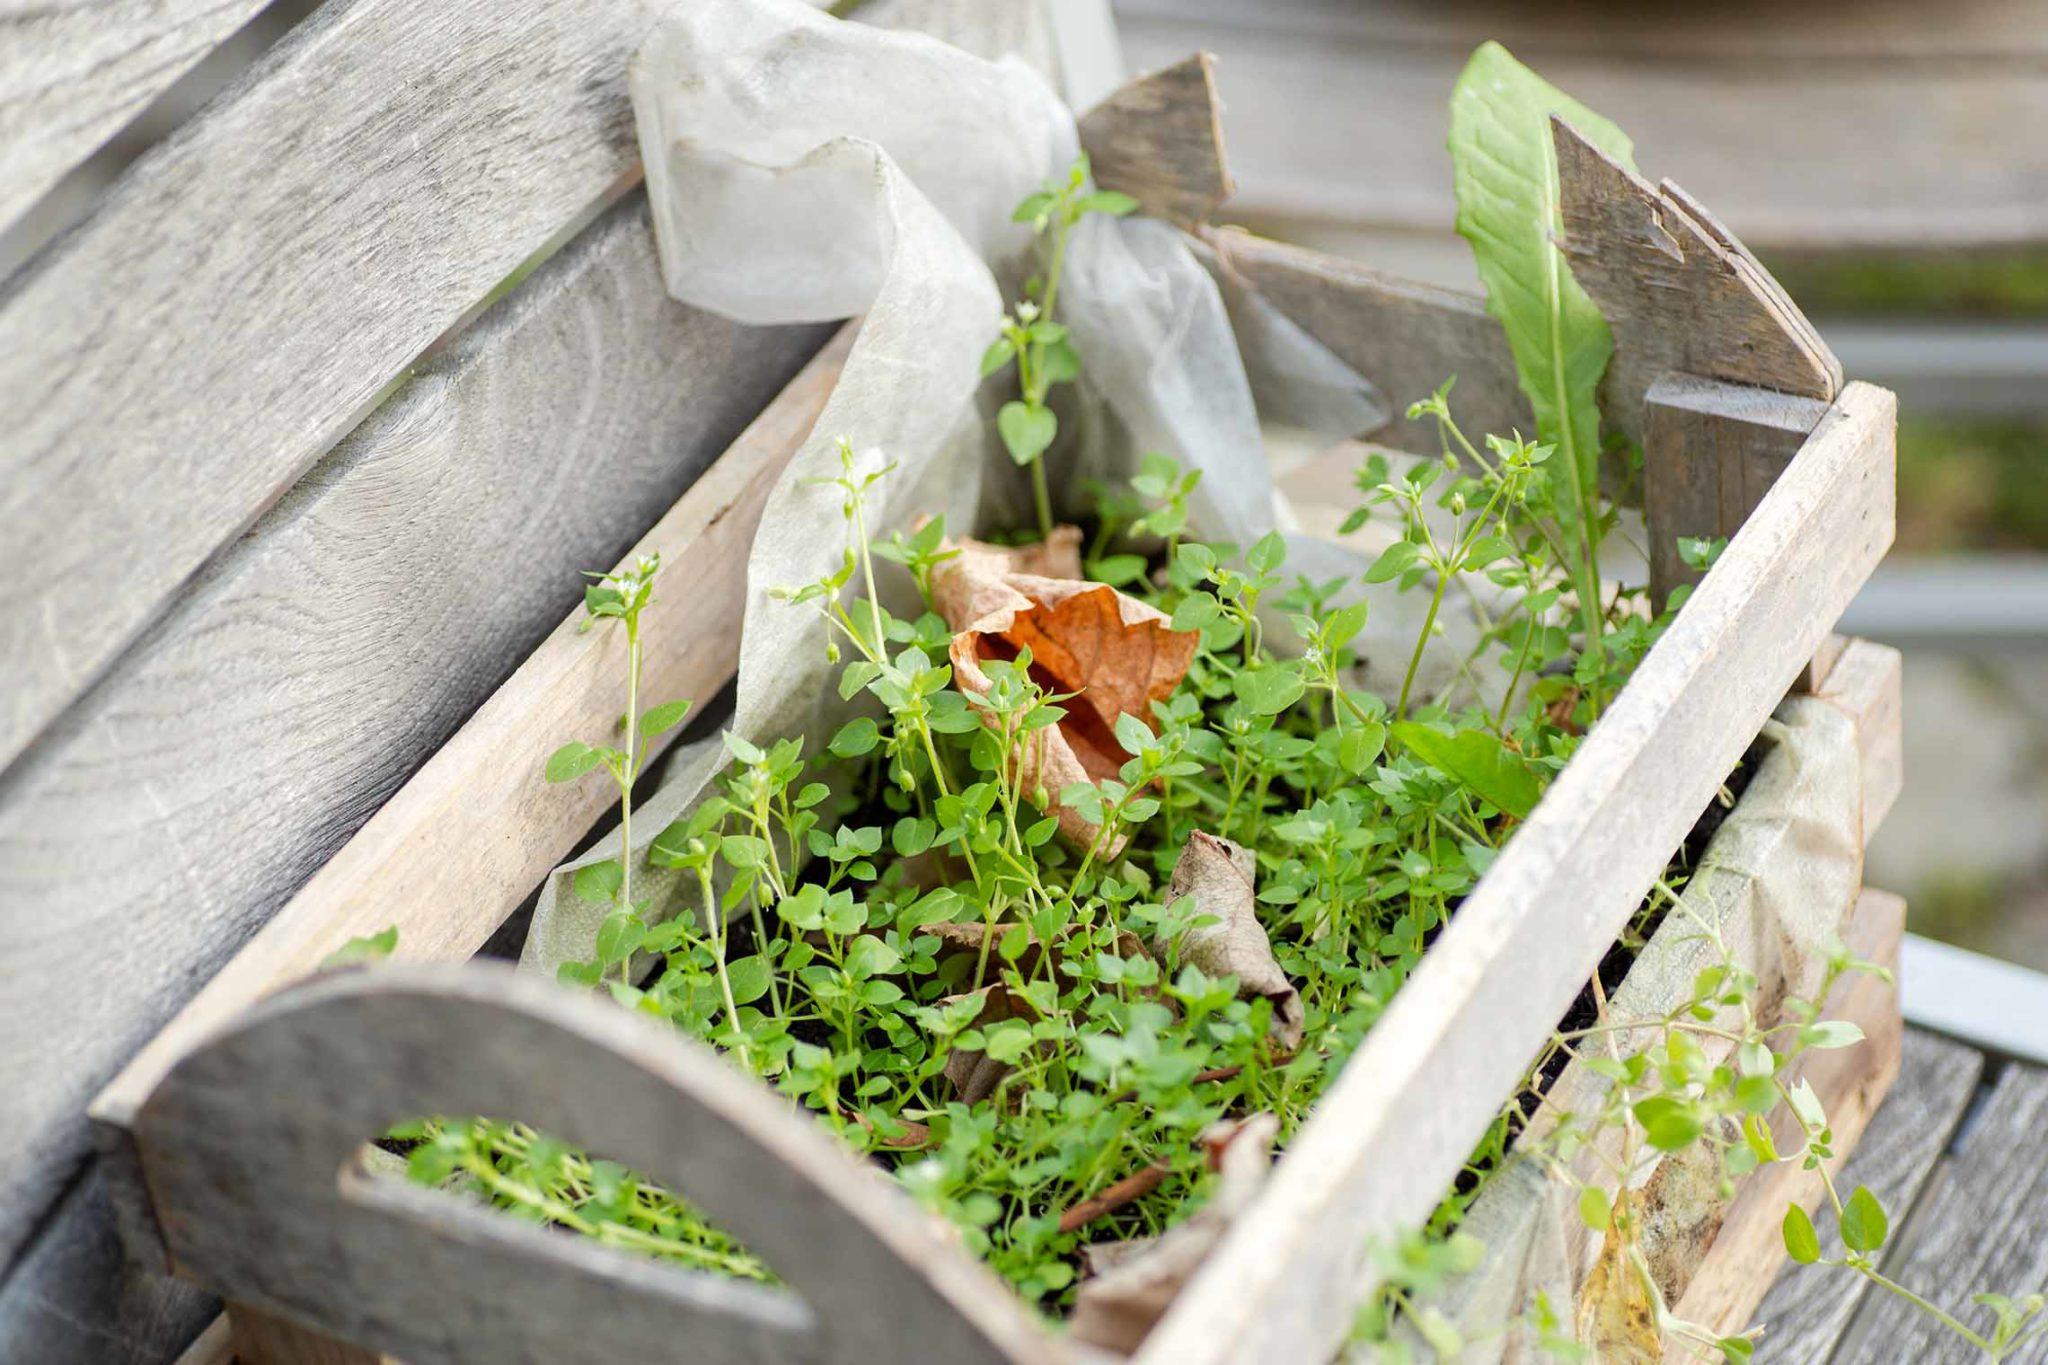 Vogelmiere wächst gerne in Balkonkästen...